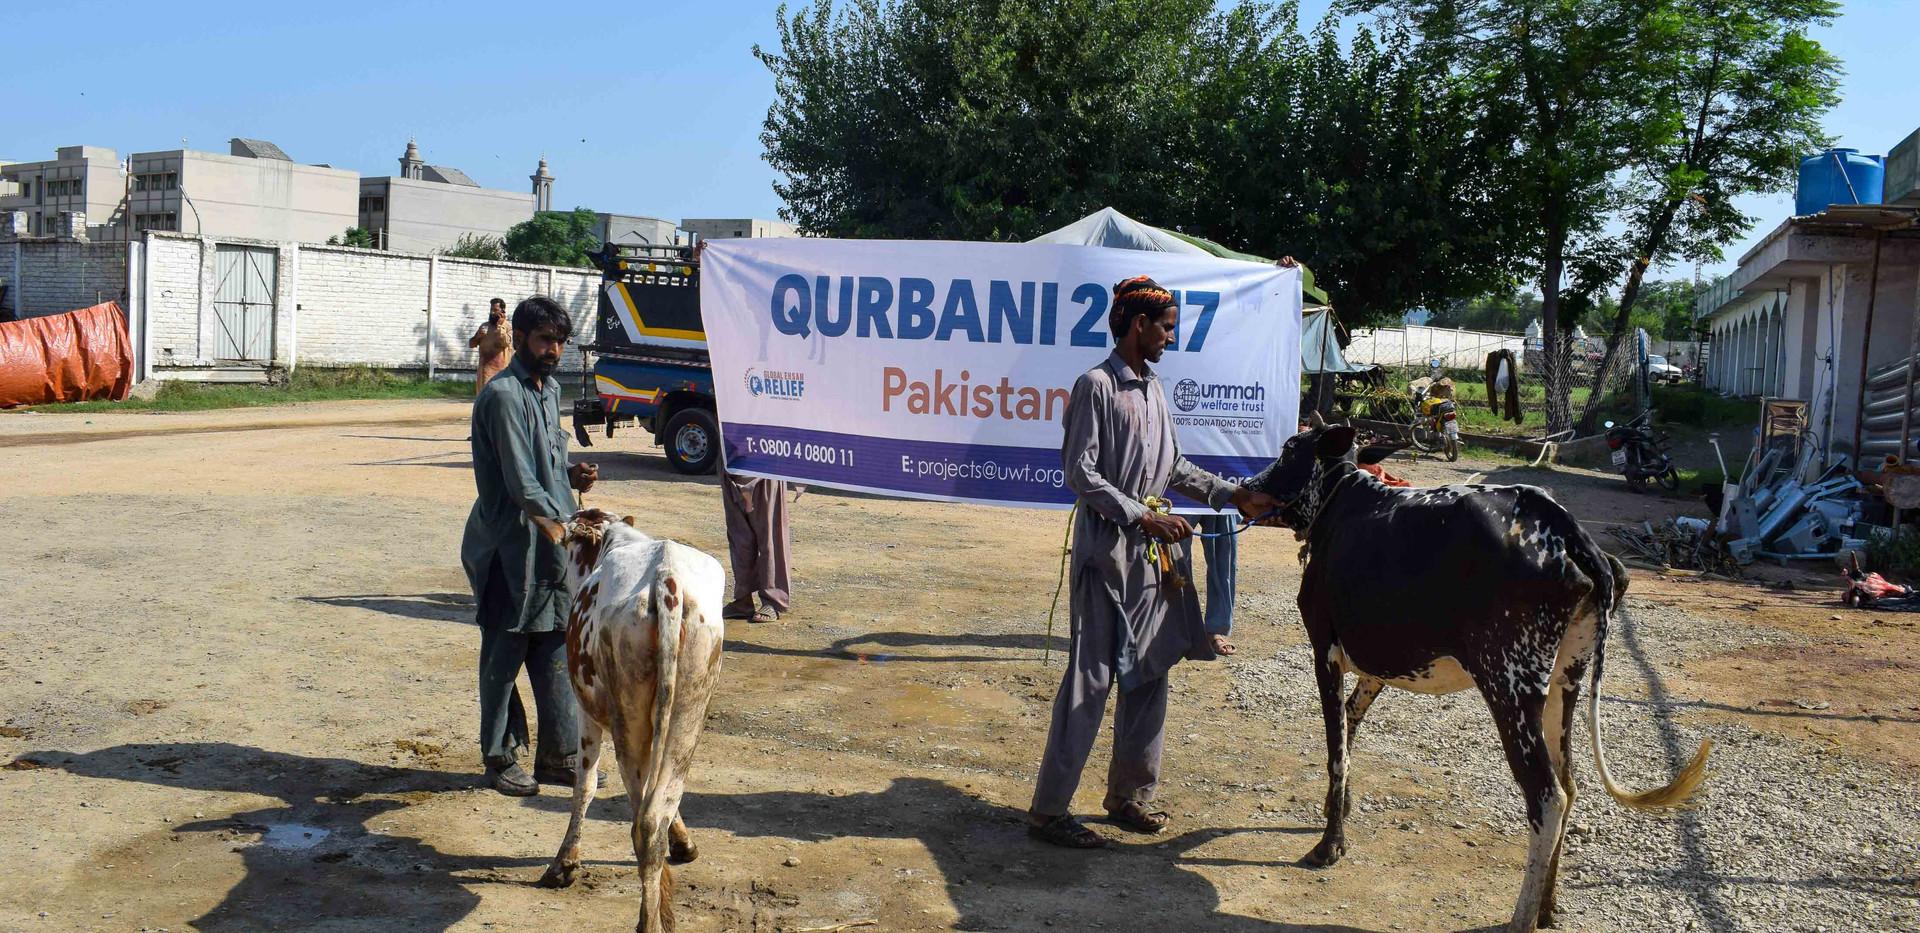 Qurban in Pakistan 2017